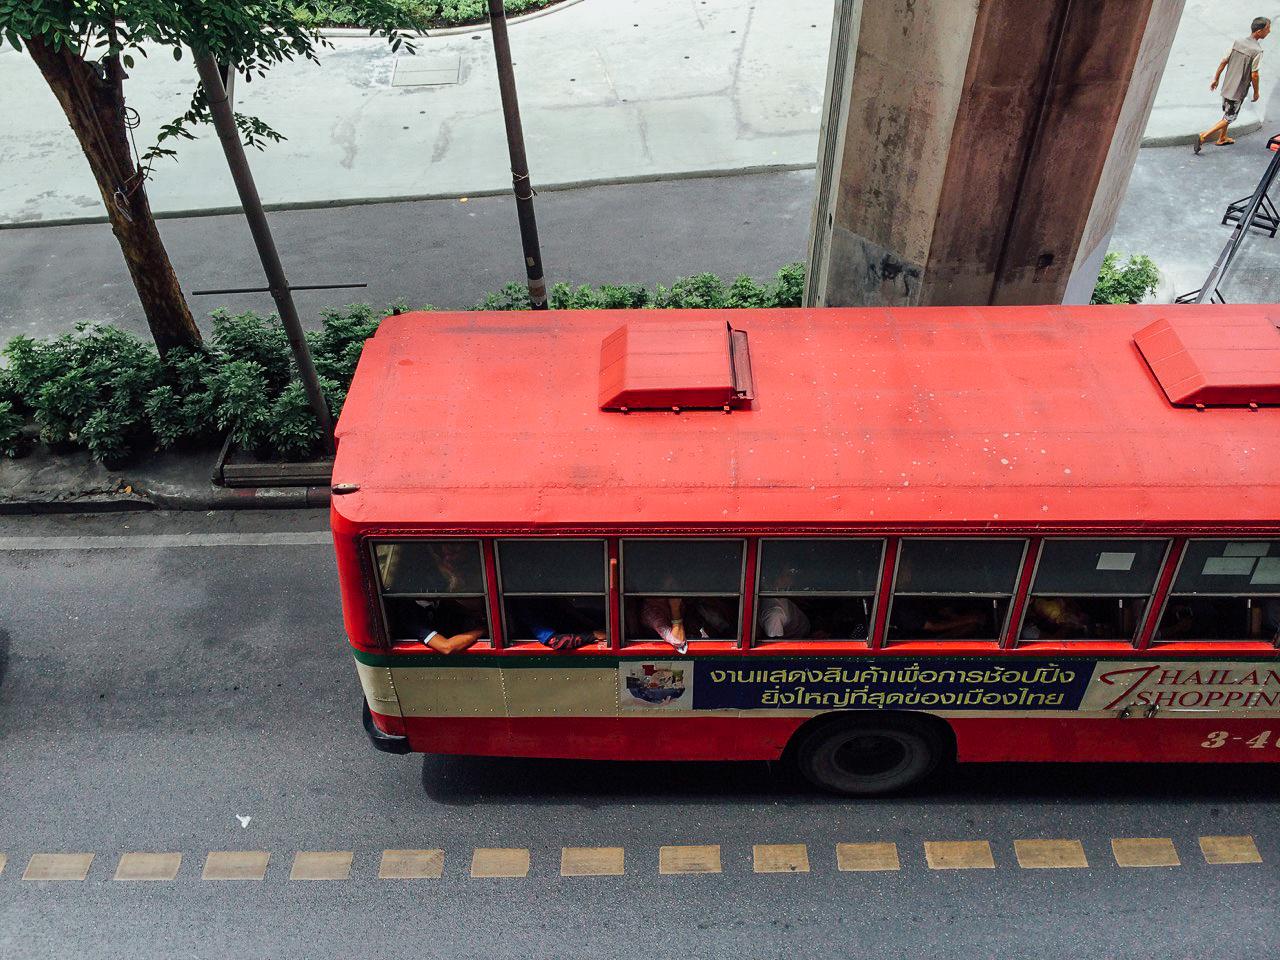 Путешествие по Таиланду, Бангкок: Самый дешевый вид автобуса